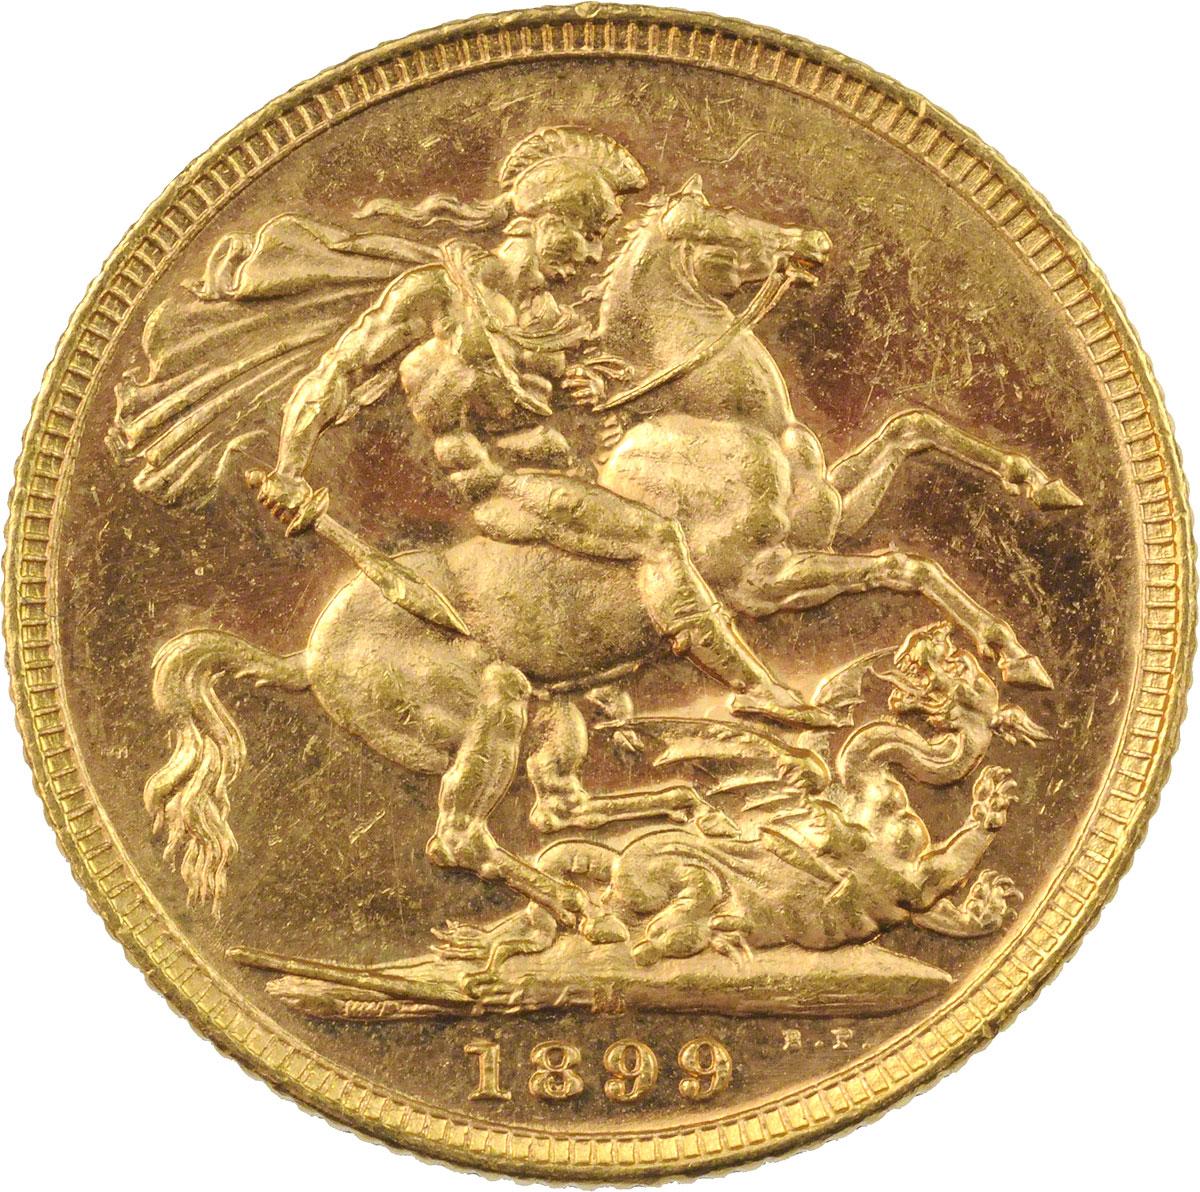 1899 Βικτώρια (Νομισματοκοπείο Μελβούρνης)